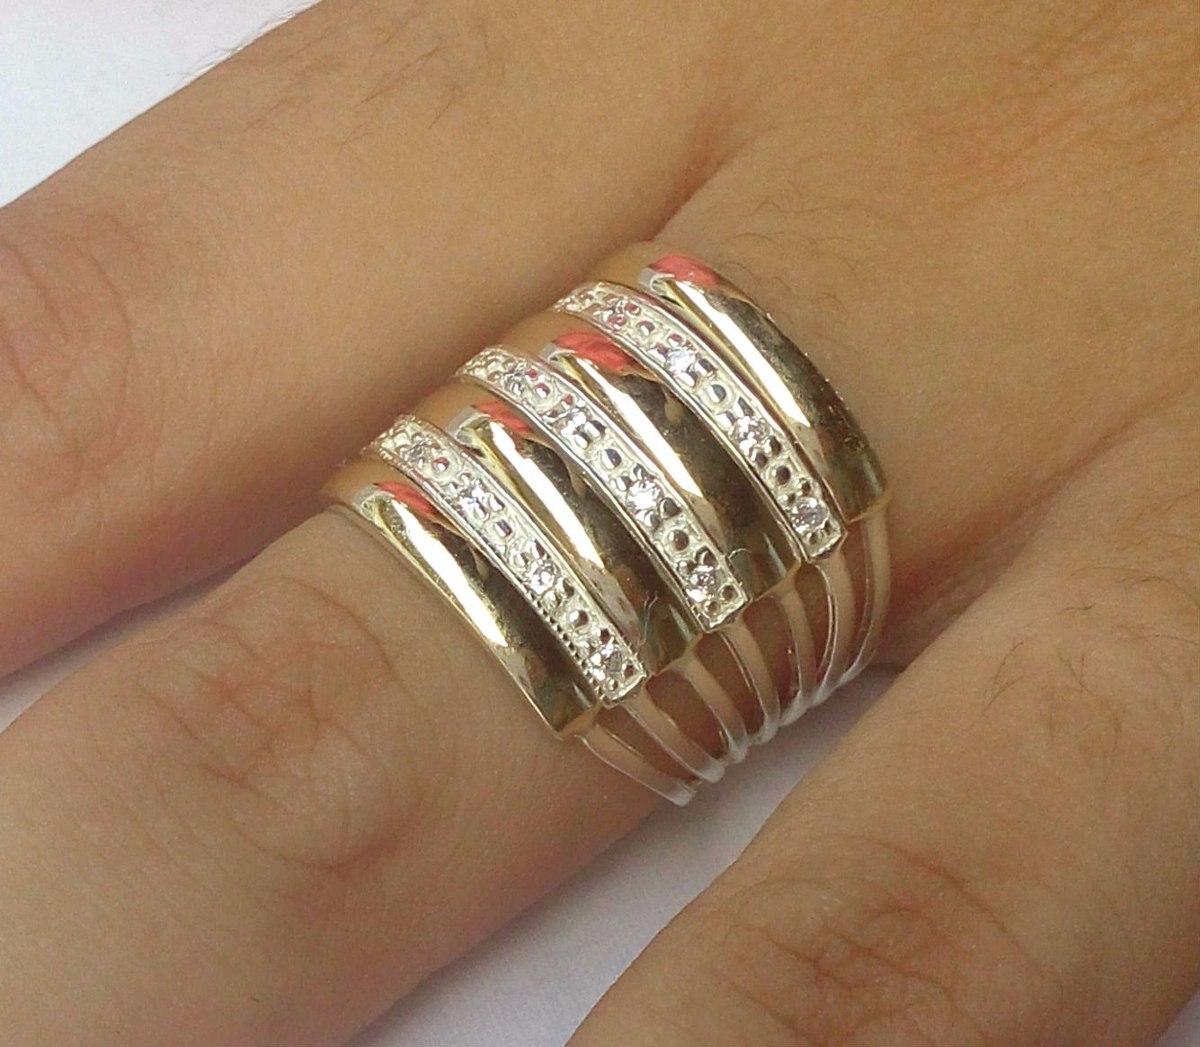 12b6223dd9e5e promoção lindo anel 7 elos em prata 950 e ouro zircônia. Carregando zoom.